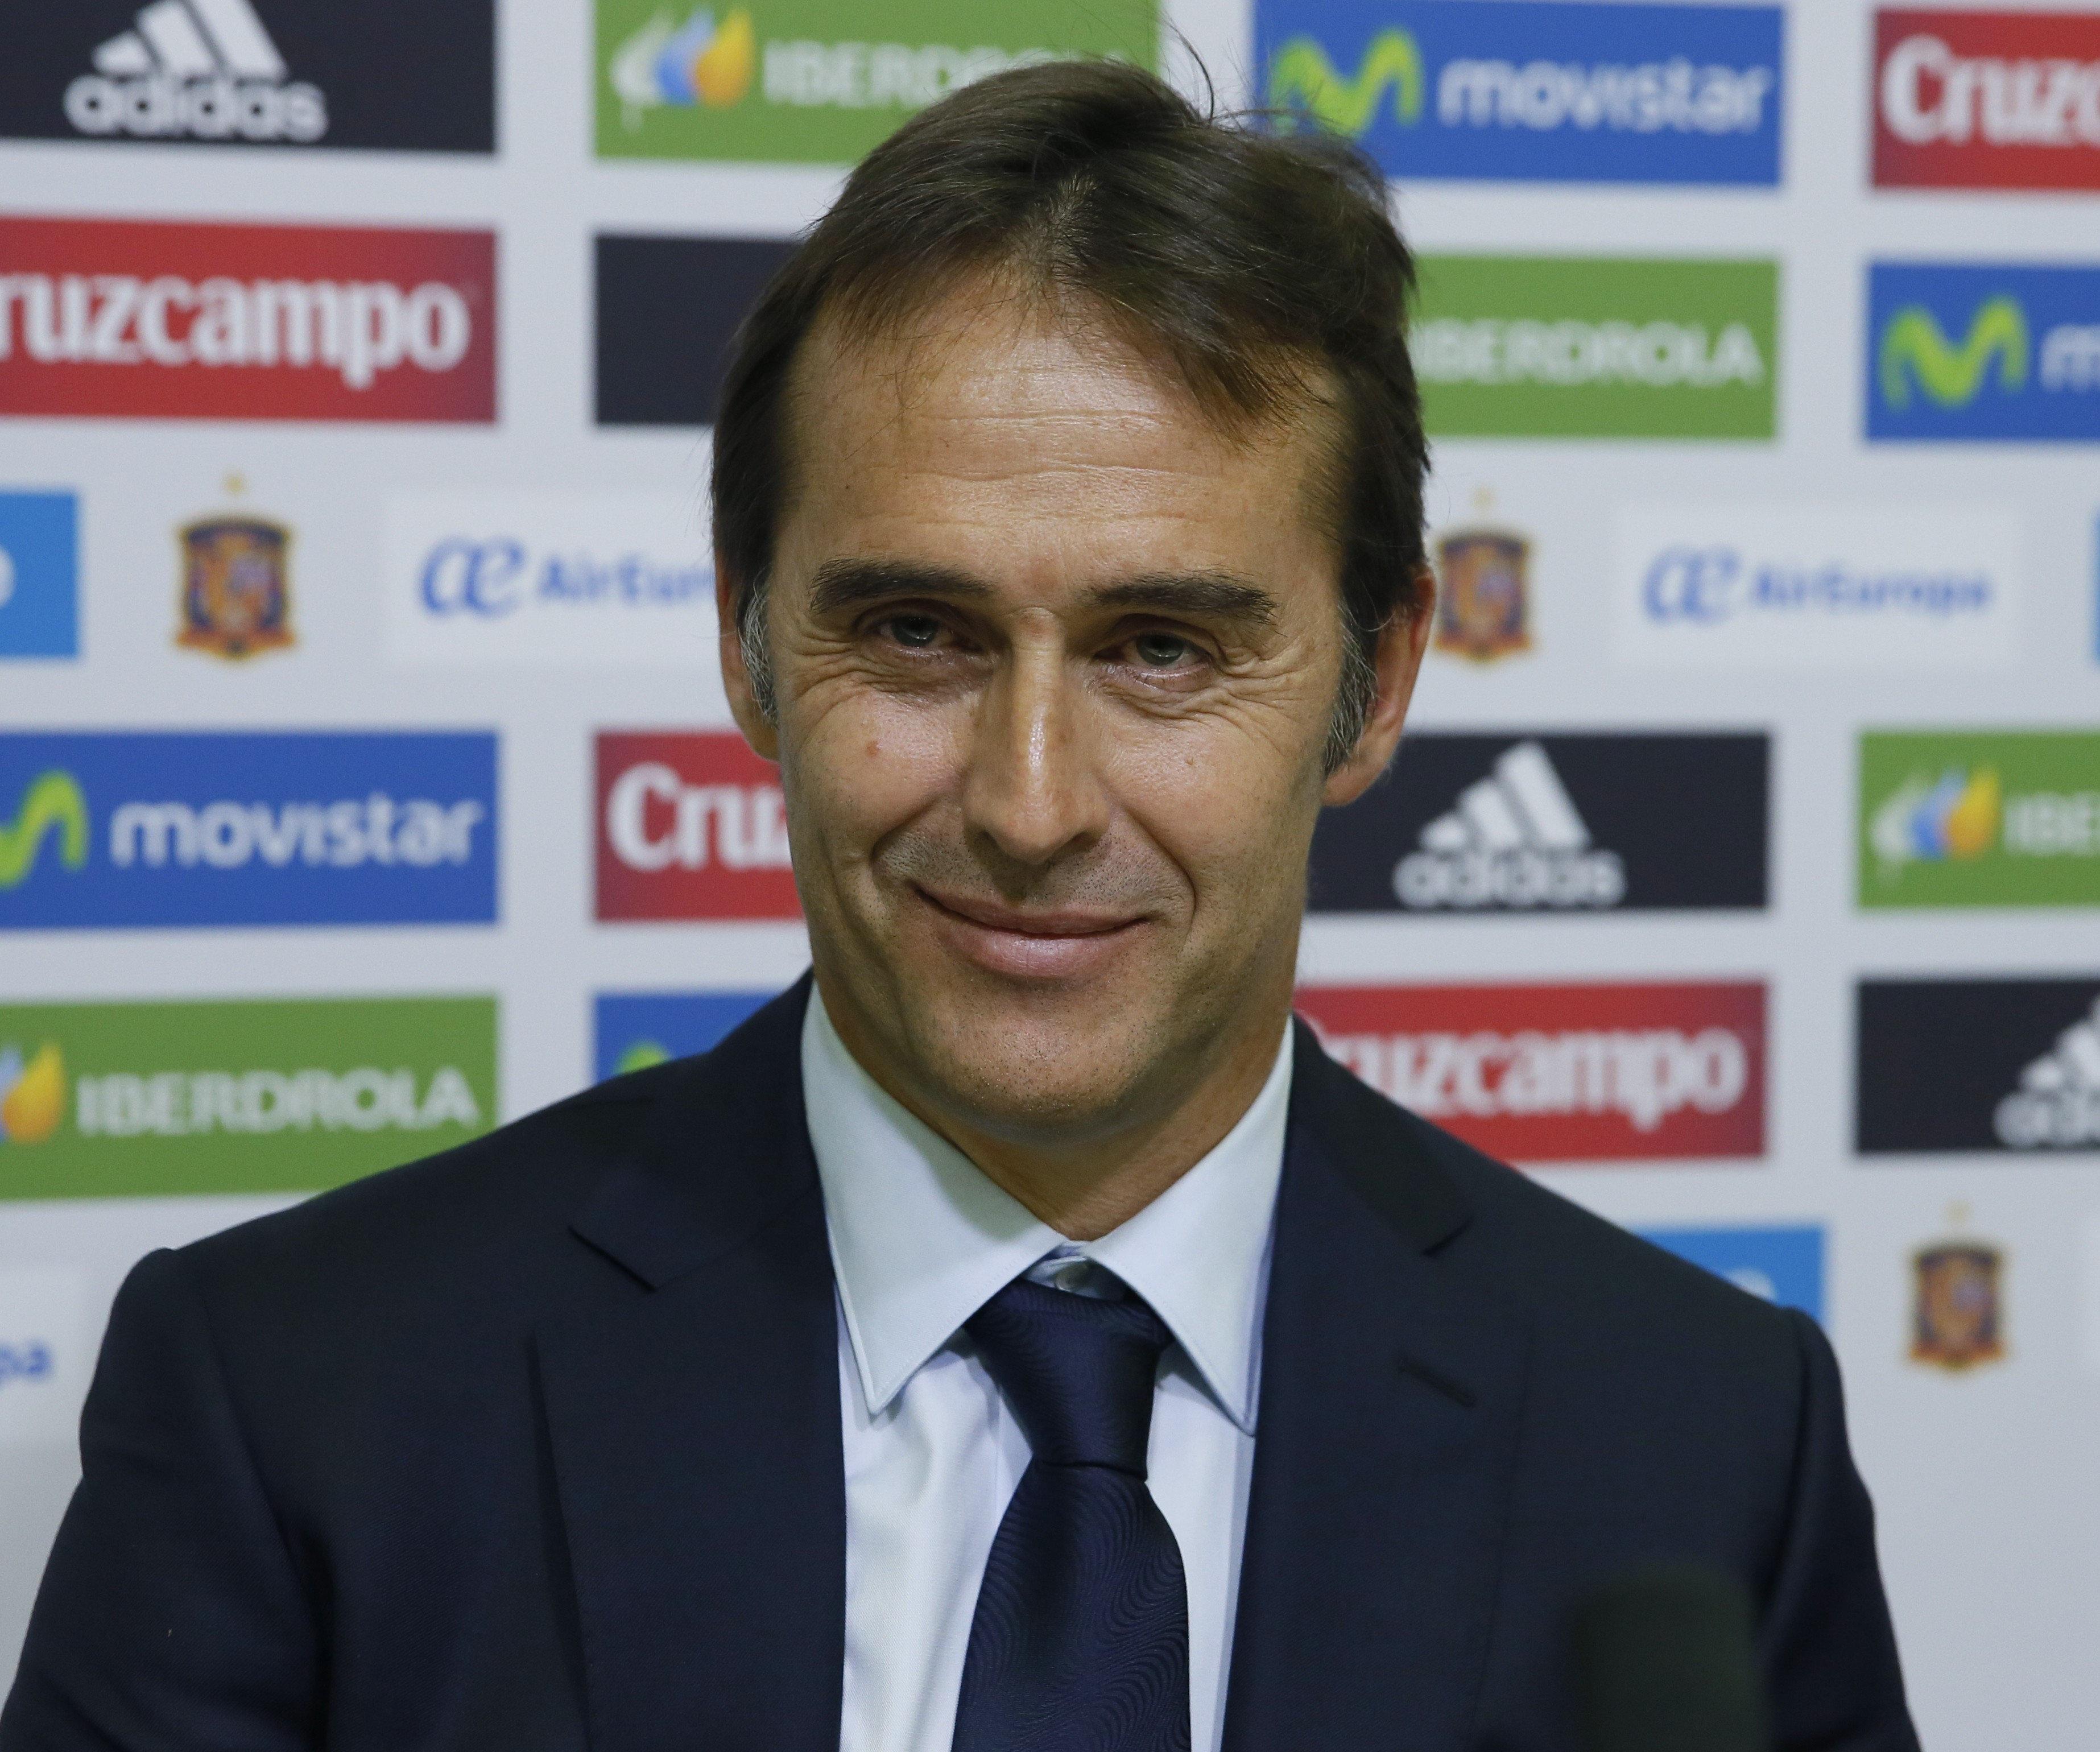 Resultado de imagen de Julen Lopetegui seleccionador nacional españa